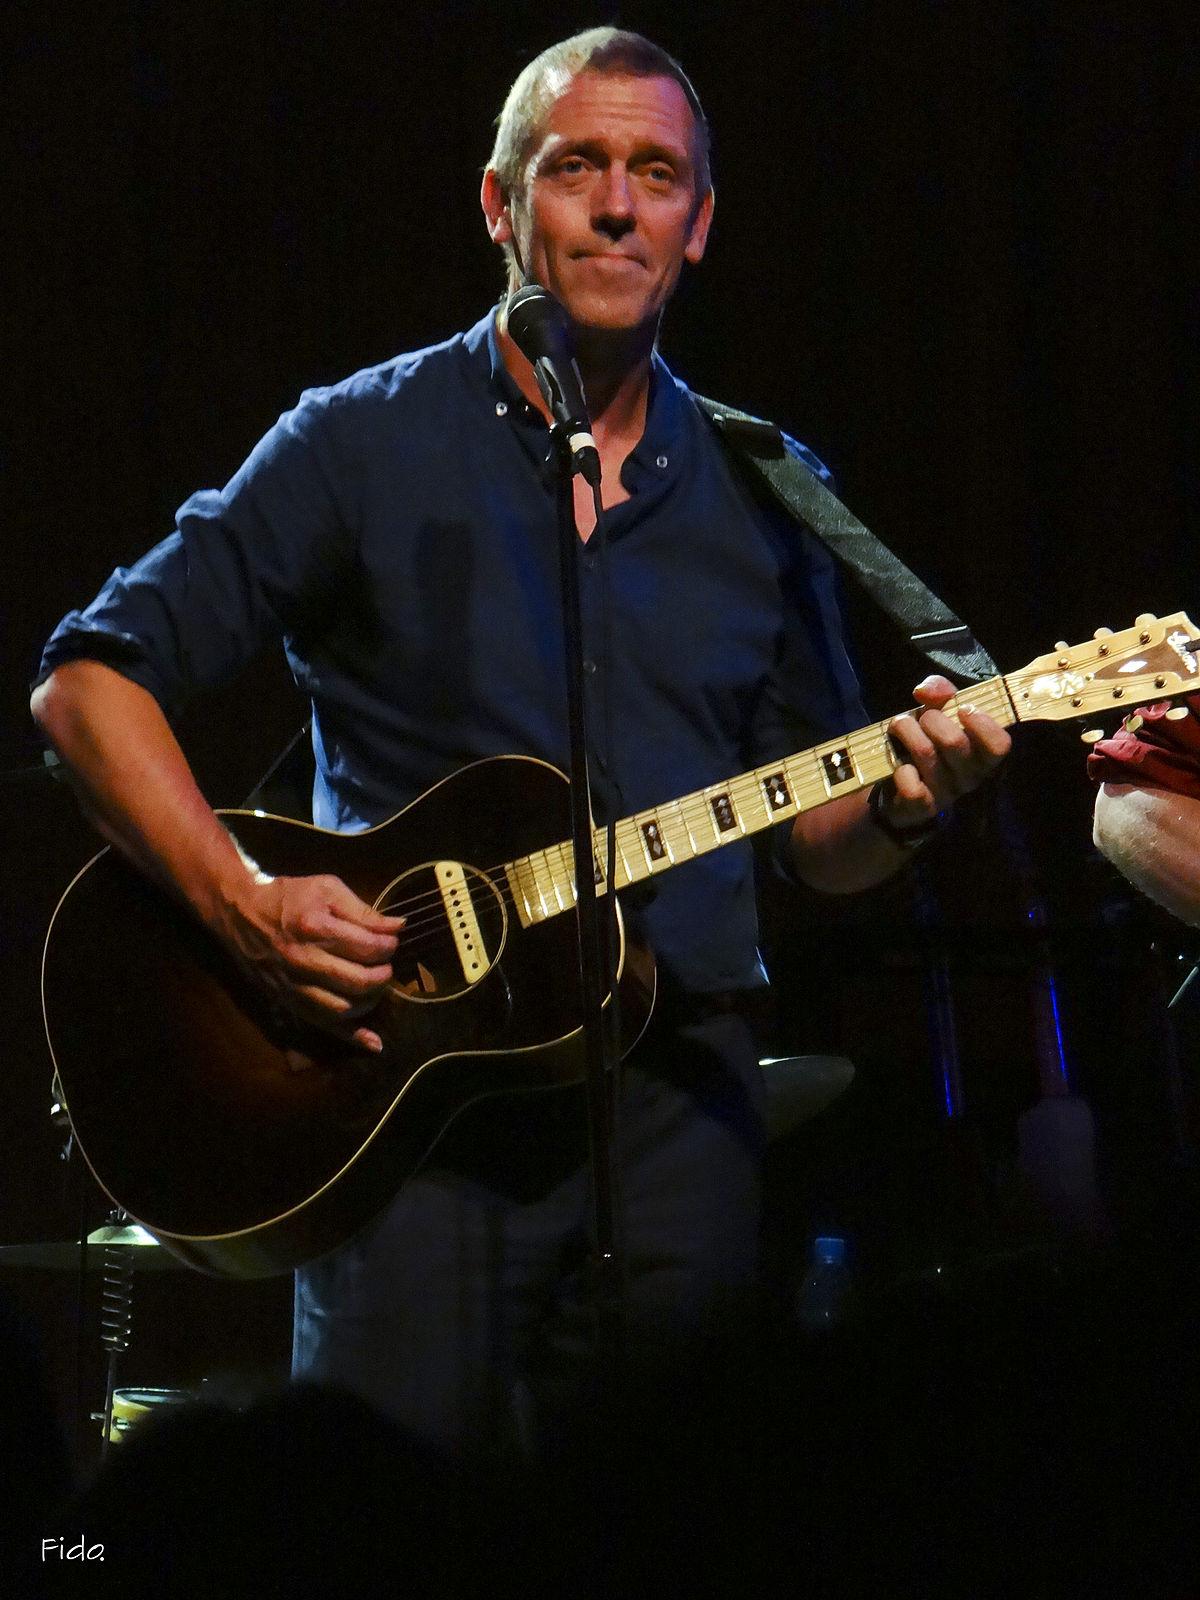 Hugh Laurie - Wikipedi...